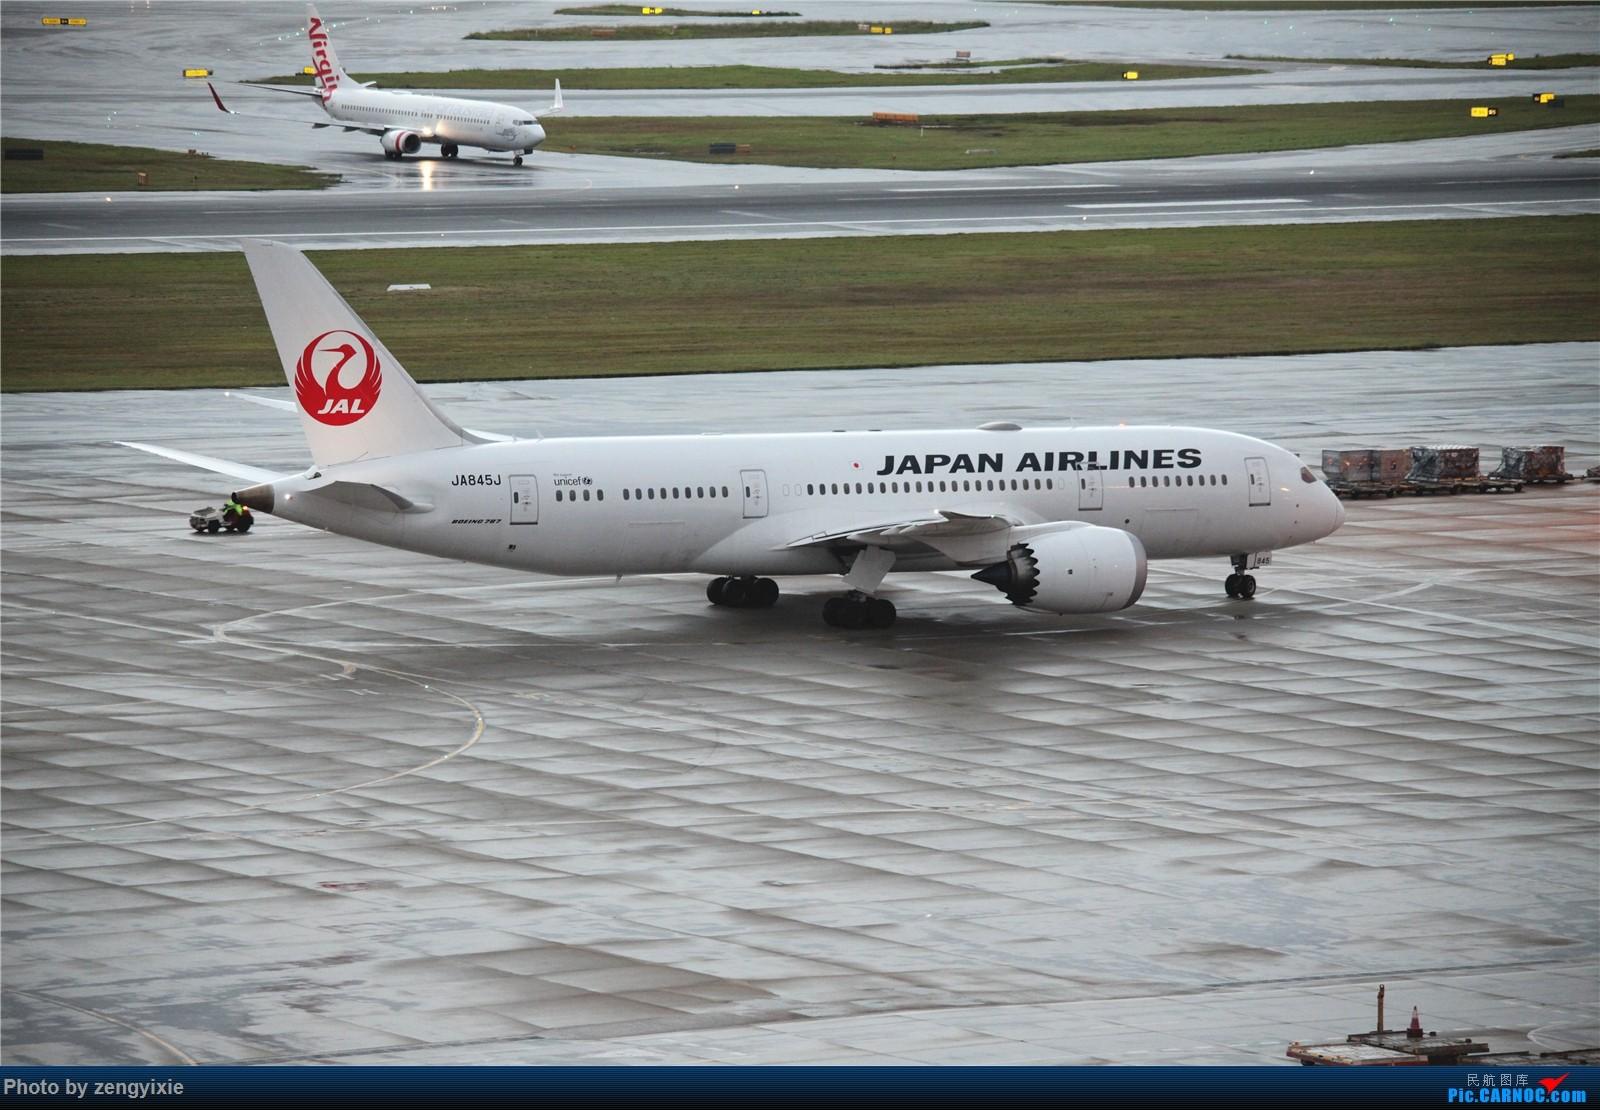 Re:[原创]清晨的悉尼国际降落狂潮 BOEING 787 JA845J 澳大利亚悉尼金斯福德·史密斯机场